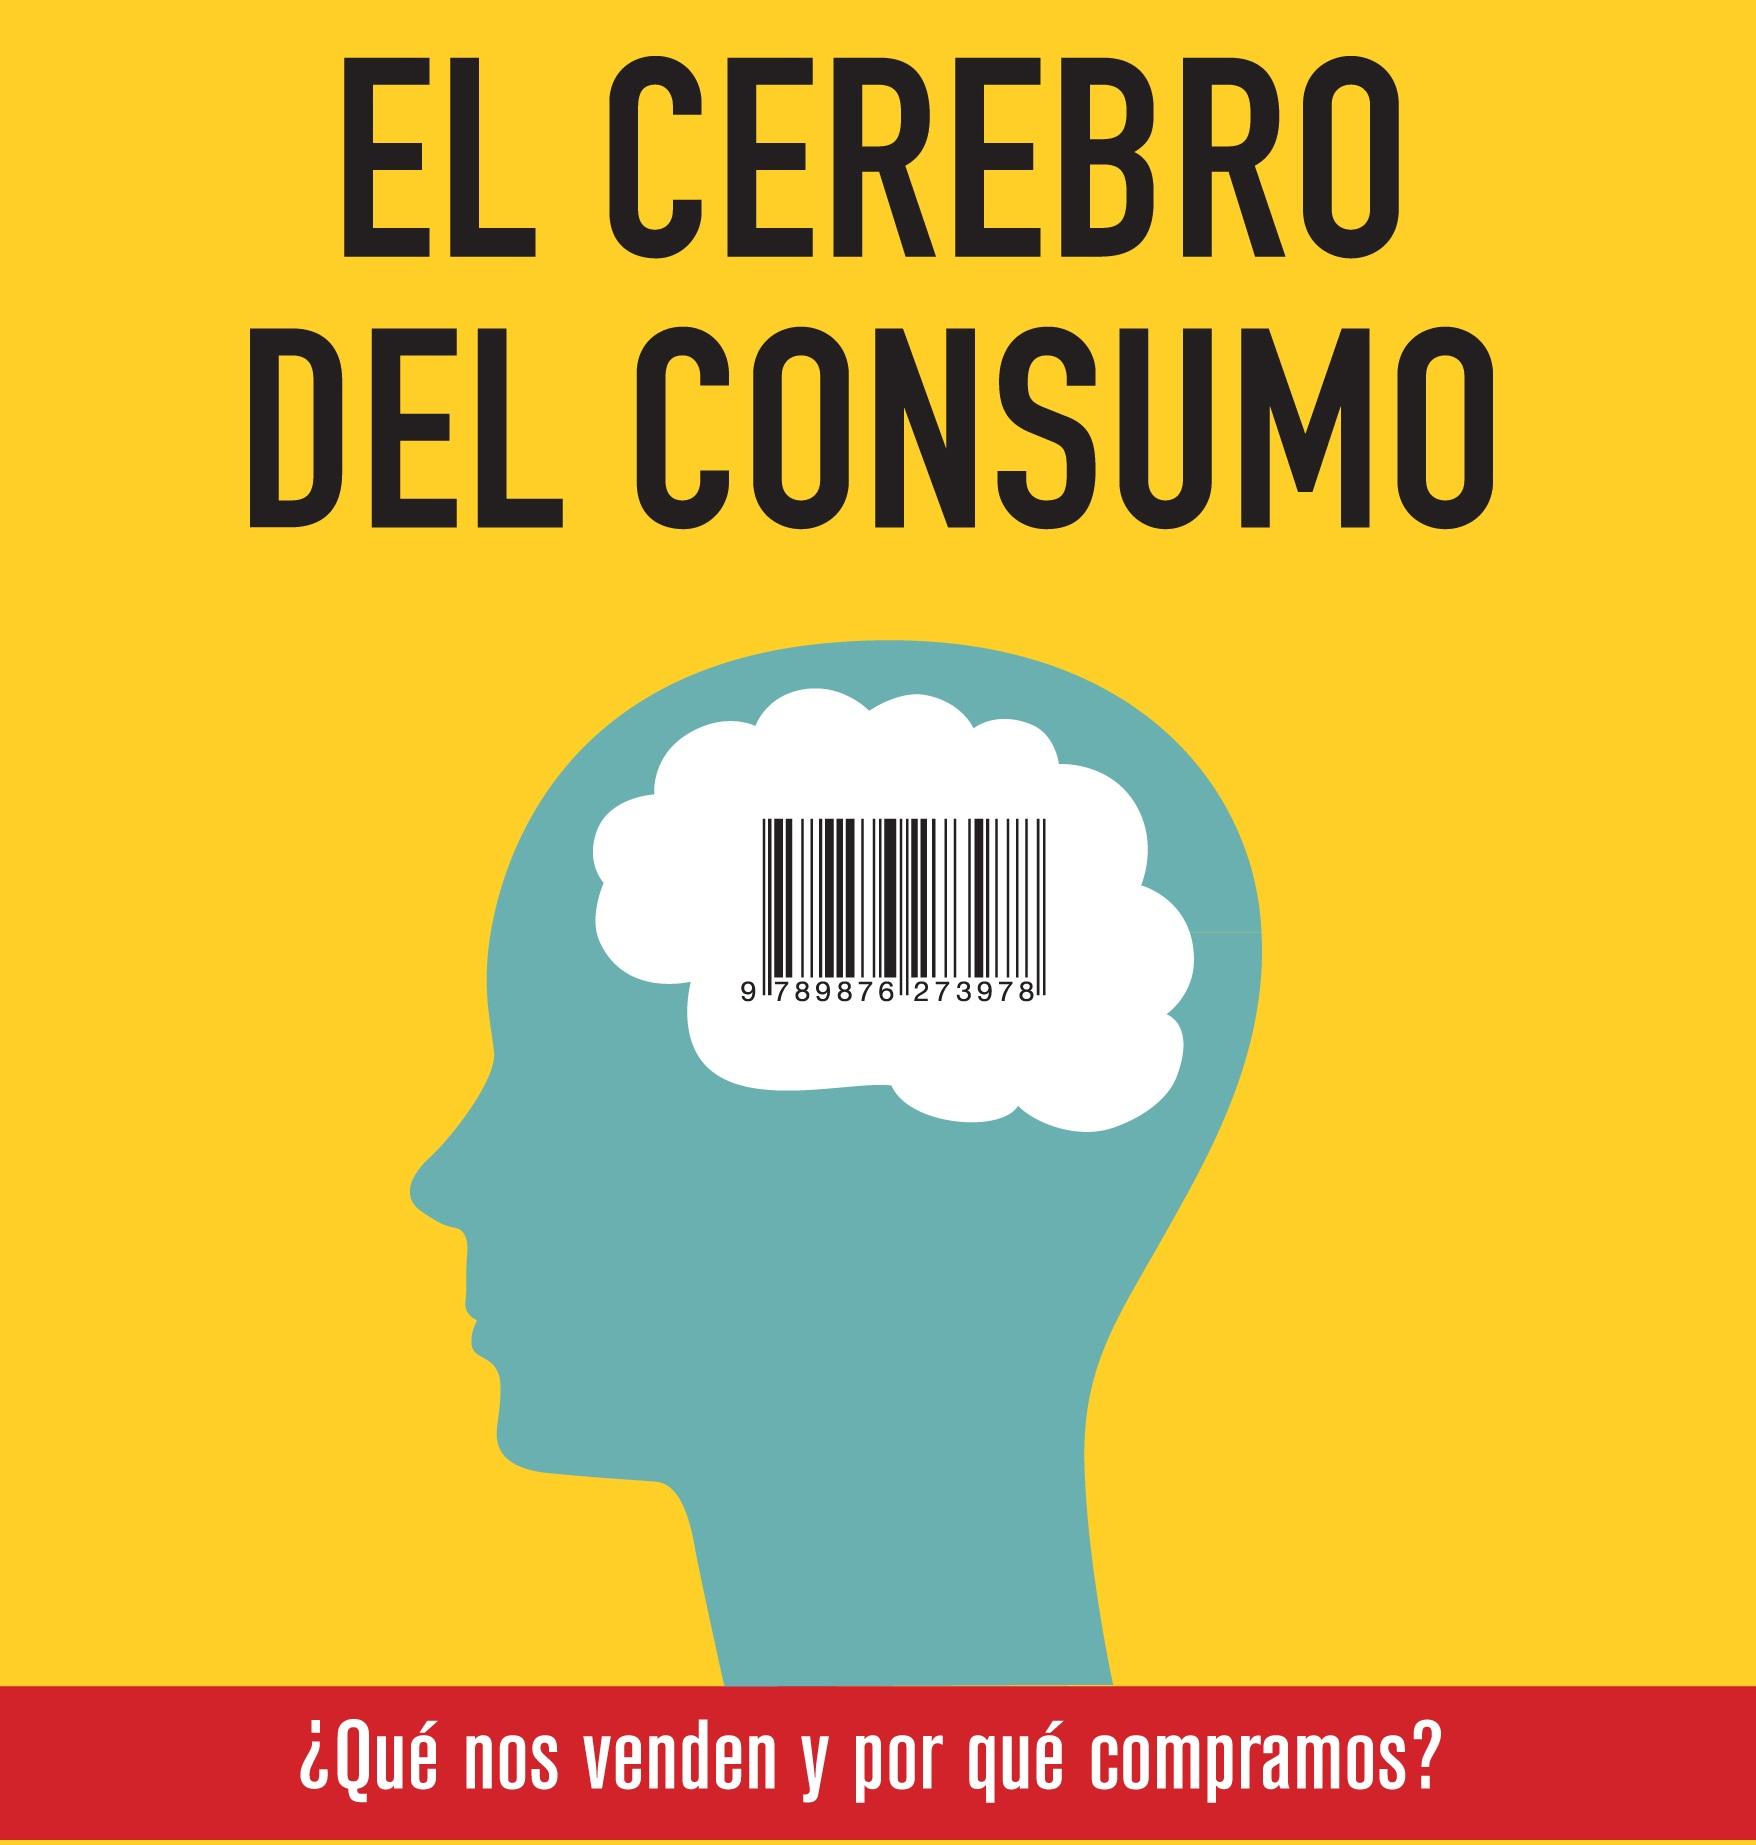 El Cerebro del Consumo: ¿Por qué compramos?